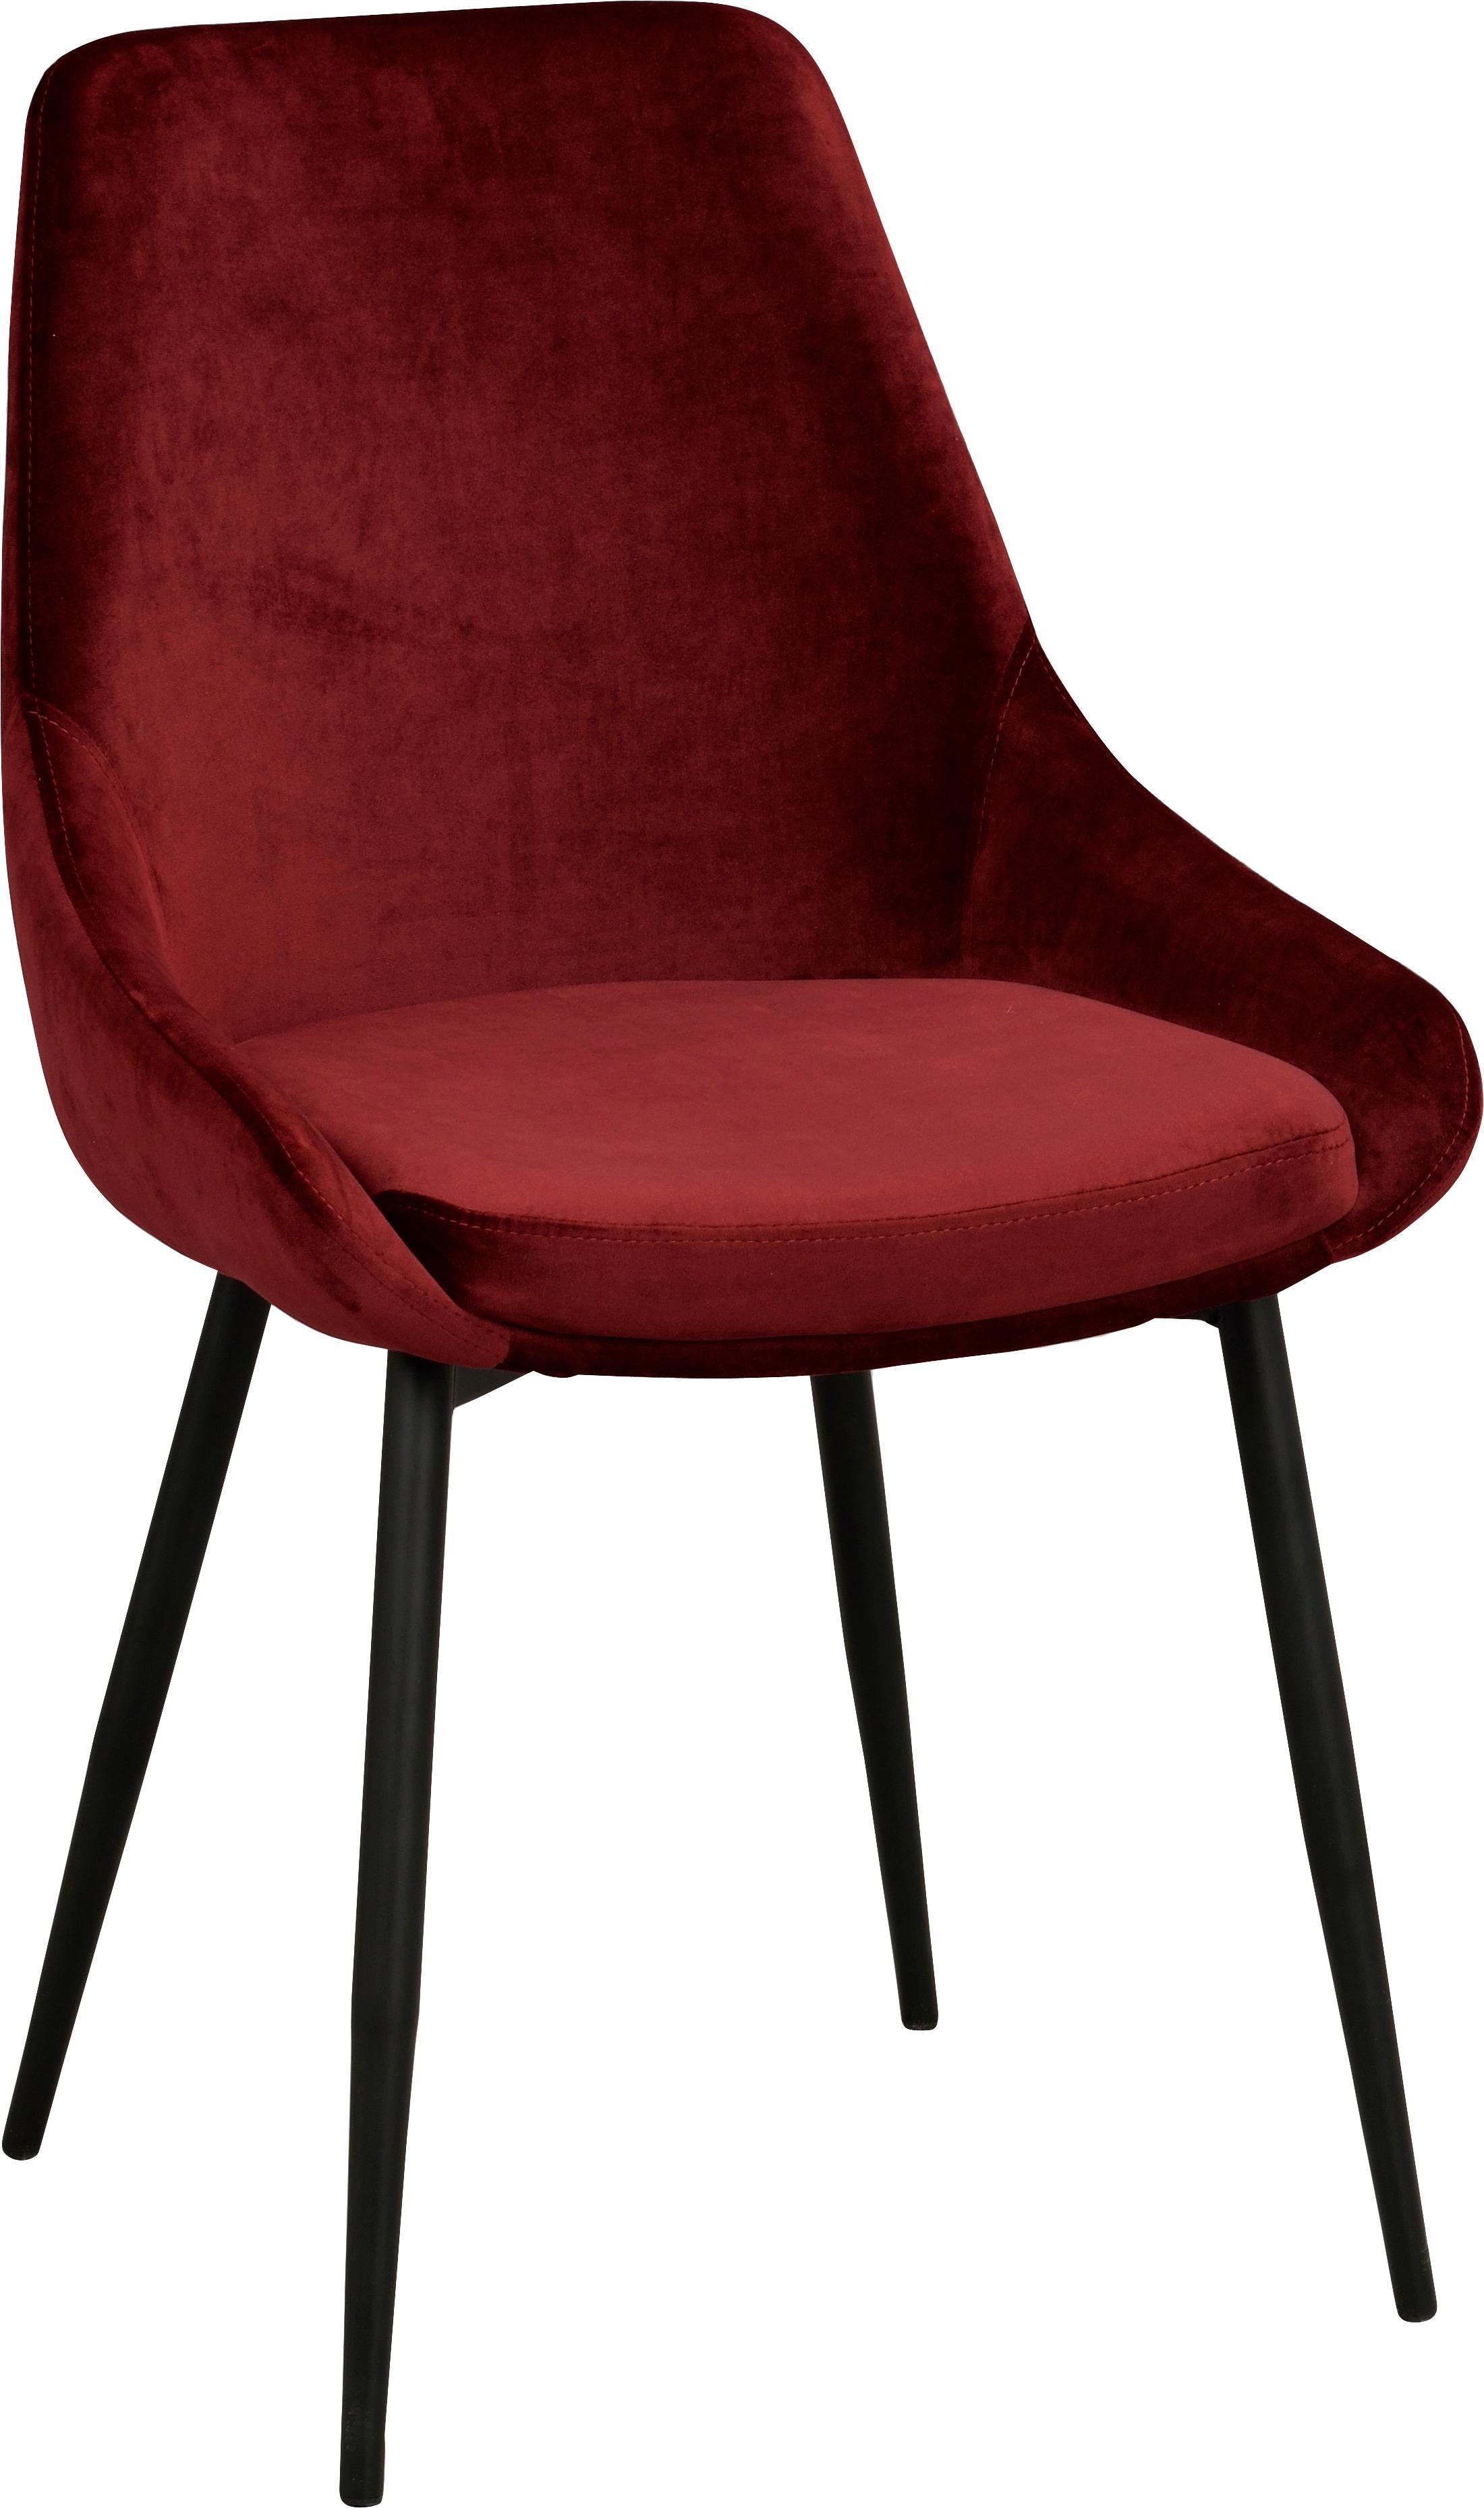 Sedia imbottita in velluto Sierra, 2 pz., Rivestimento: poliestere 100.000 cicli , Gambe: metallo laccato, Rosso, nero, Larg. 49 x Prof. 55 cm